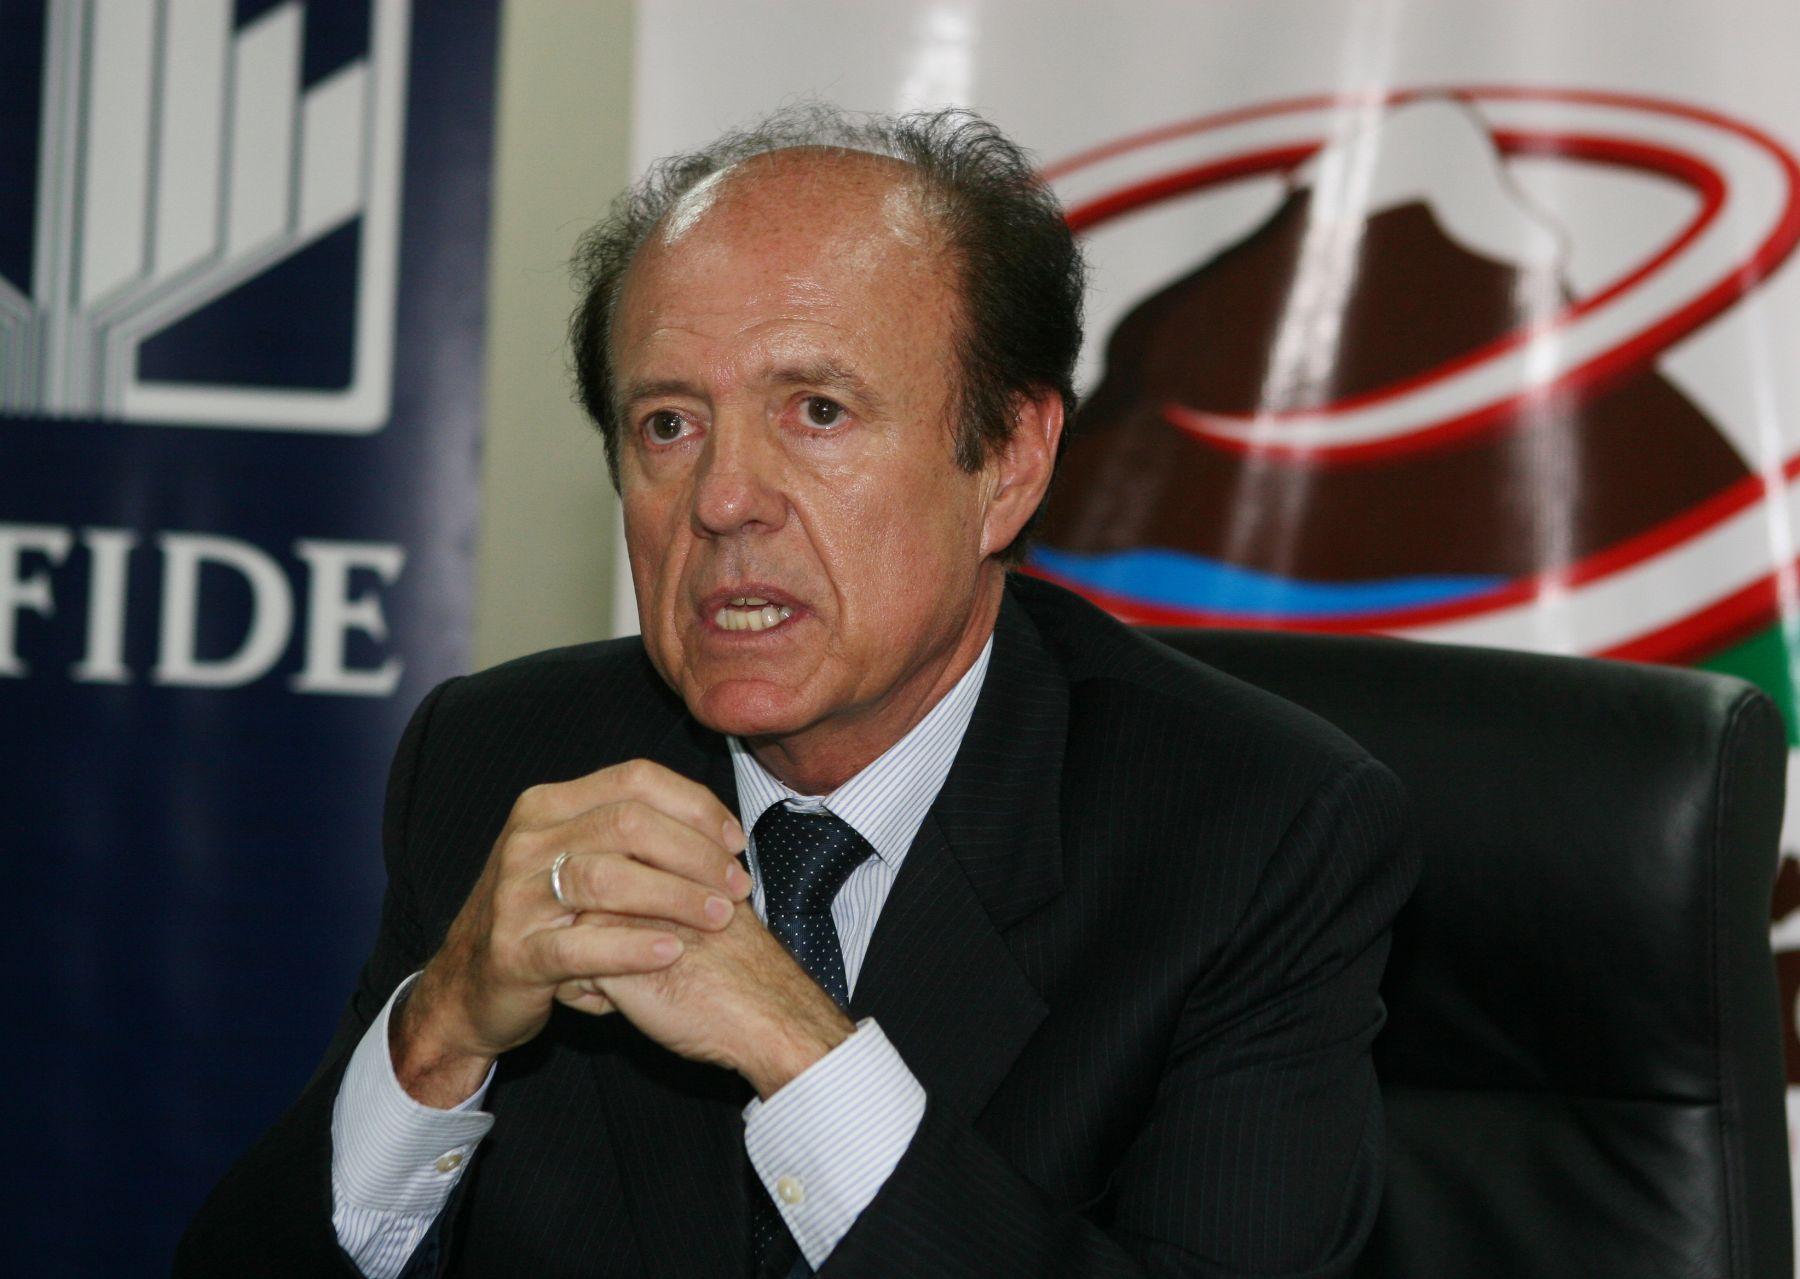 Presidente Ejecutivo de Sierra Esportadora, Gastón Benza. Foto.ANDINA / Norman Cordova